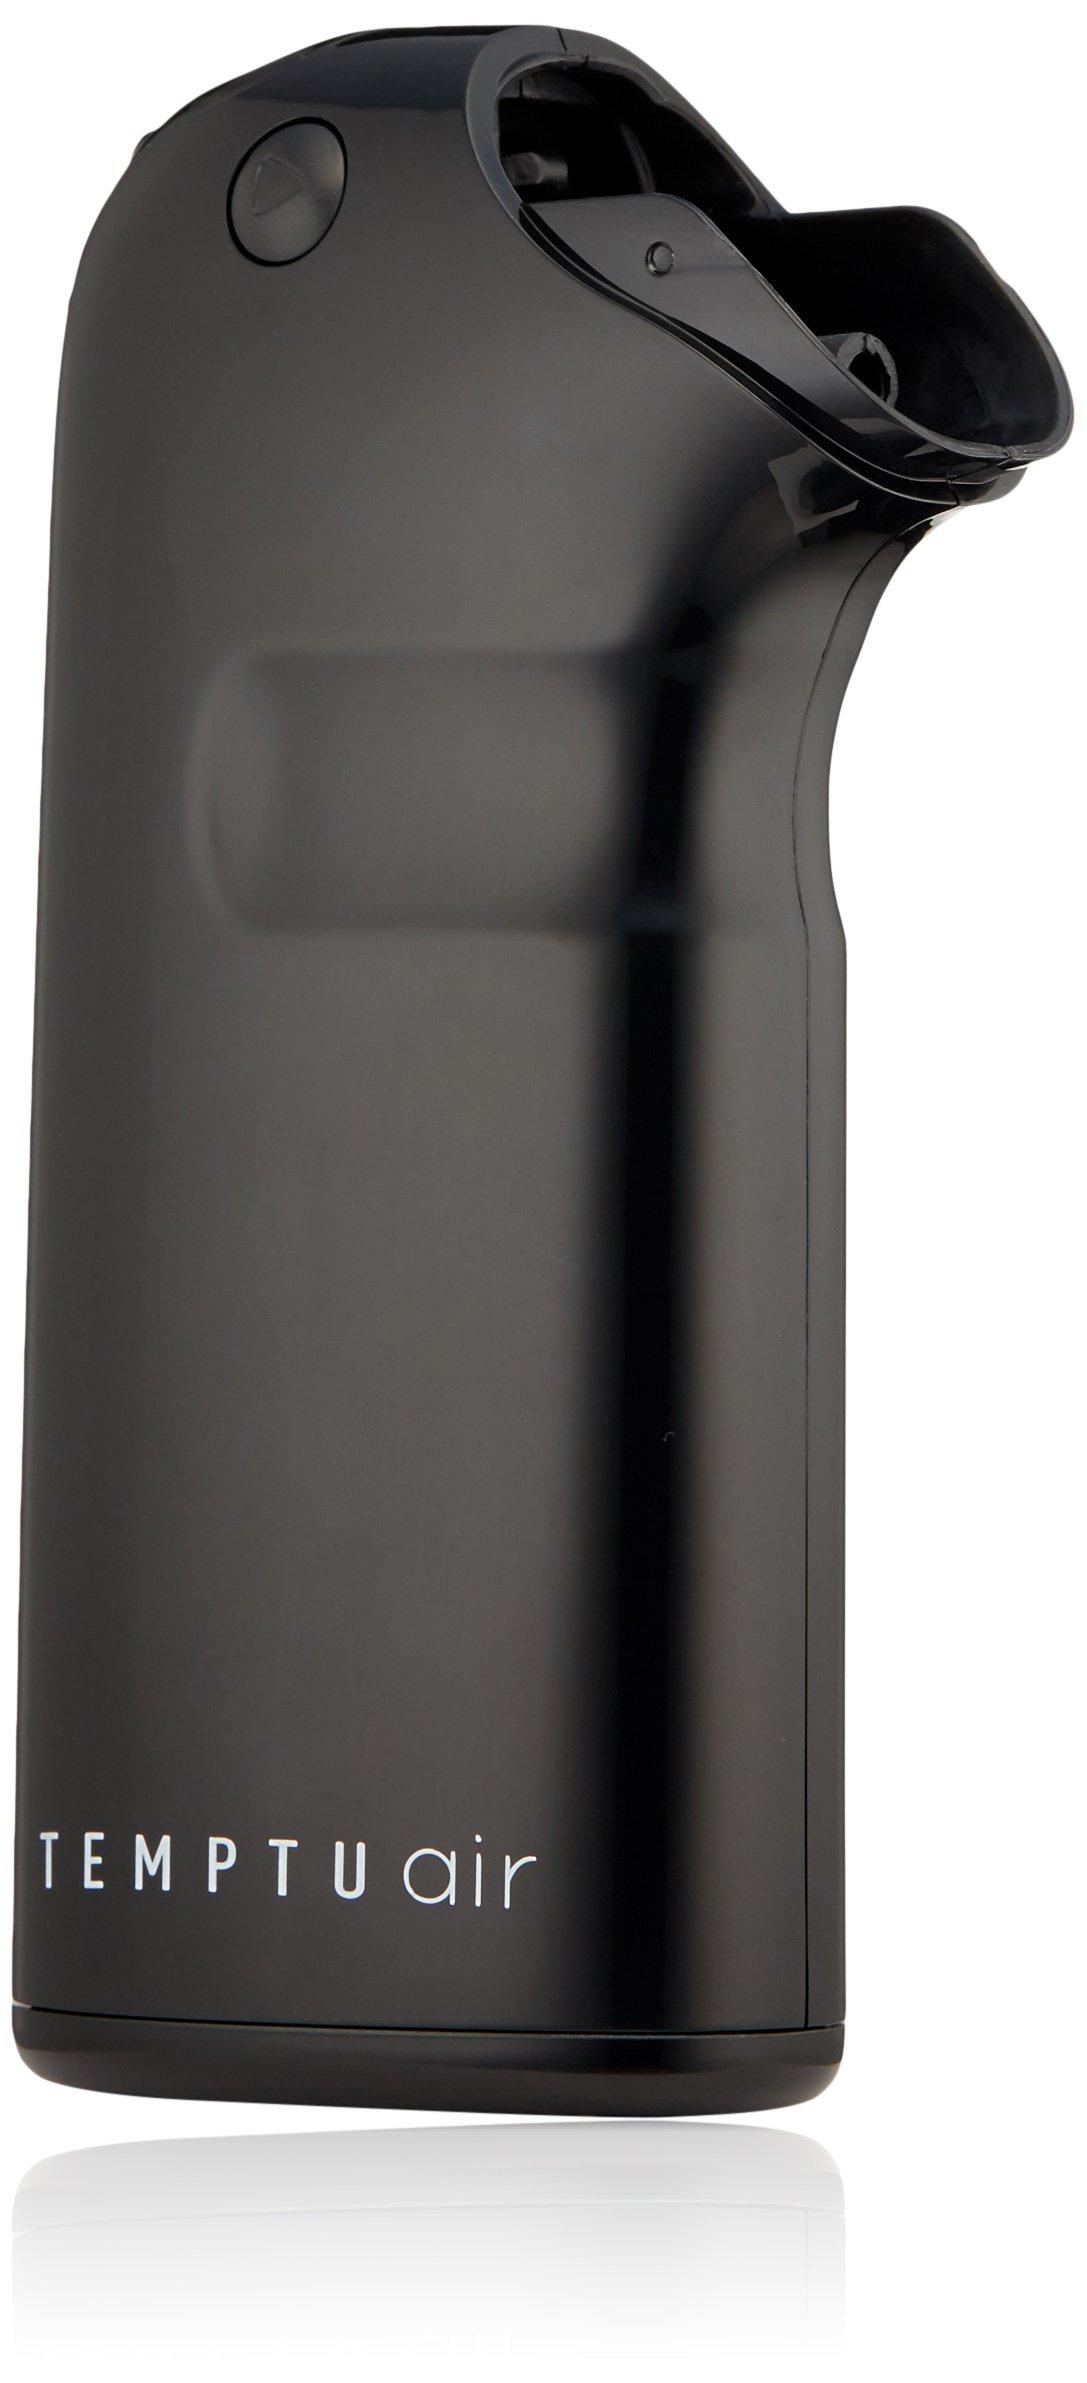 Temptu Air: Cordless Professional Airbrush Makeup System